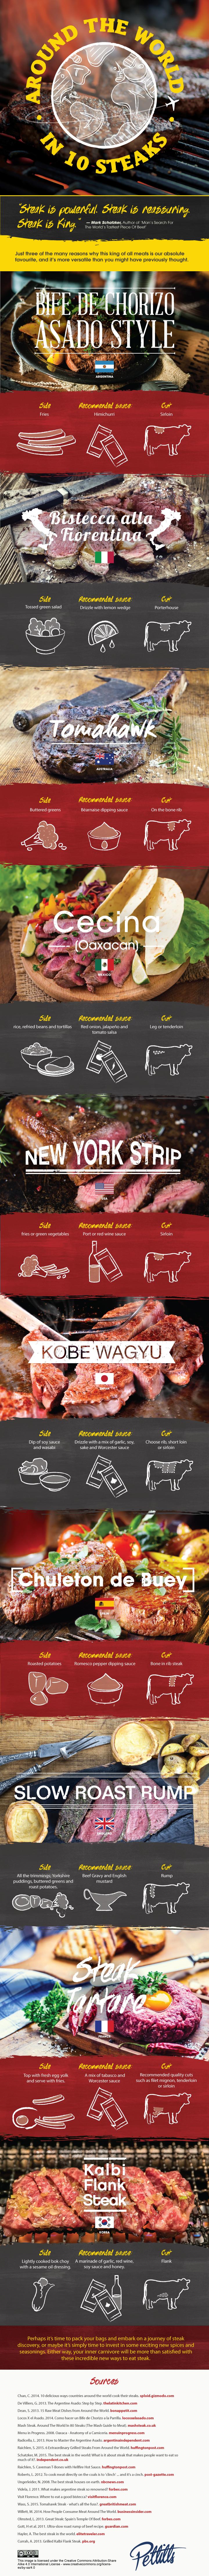 X-Ways-to-eat-steak-around-the-world-DV6